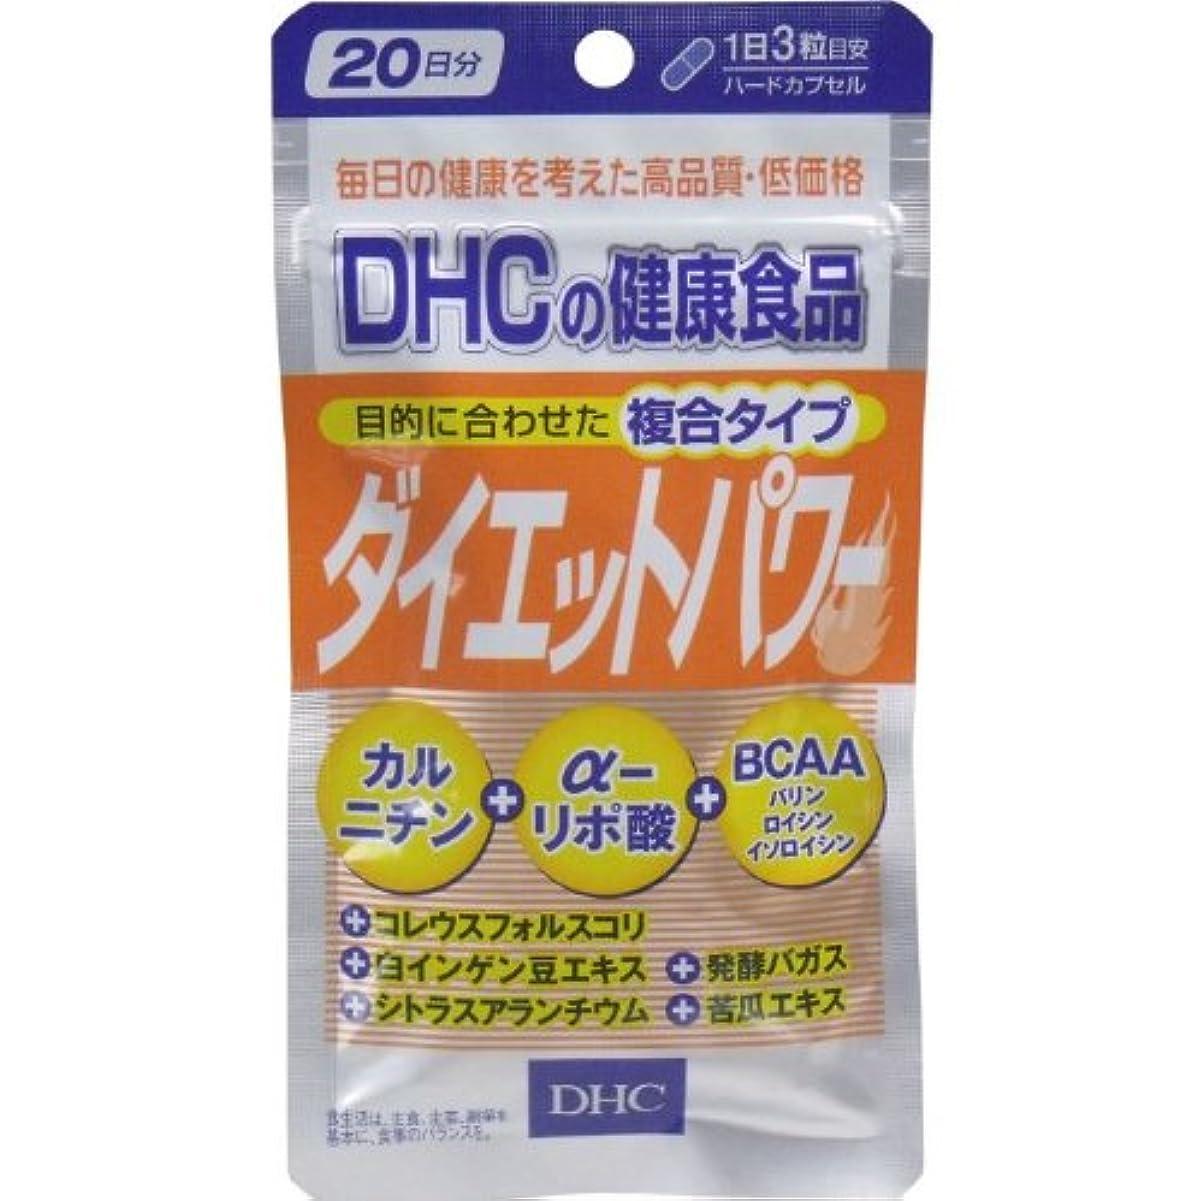 罪人フォーム問い合わせDHC ダイエットパワー 60粒入 20日分「2点セット」